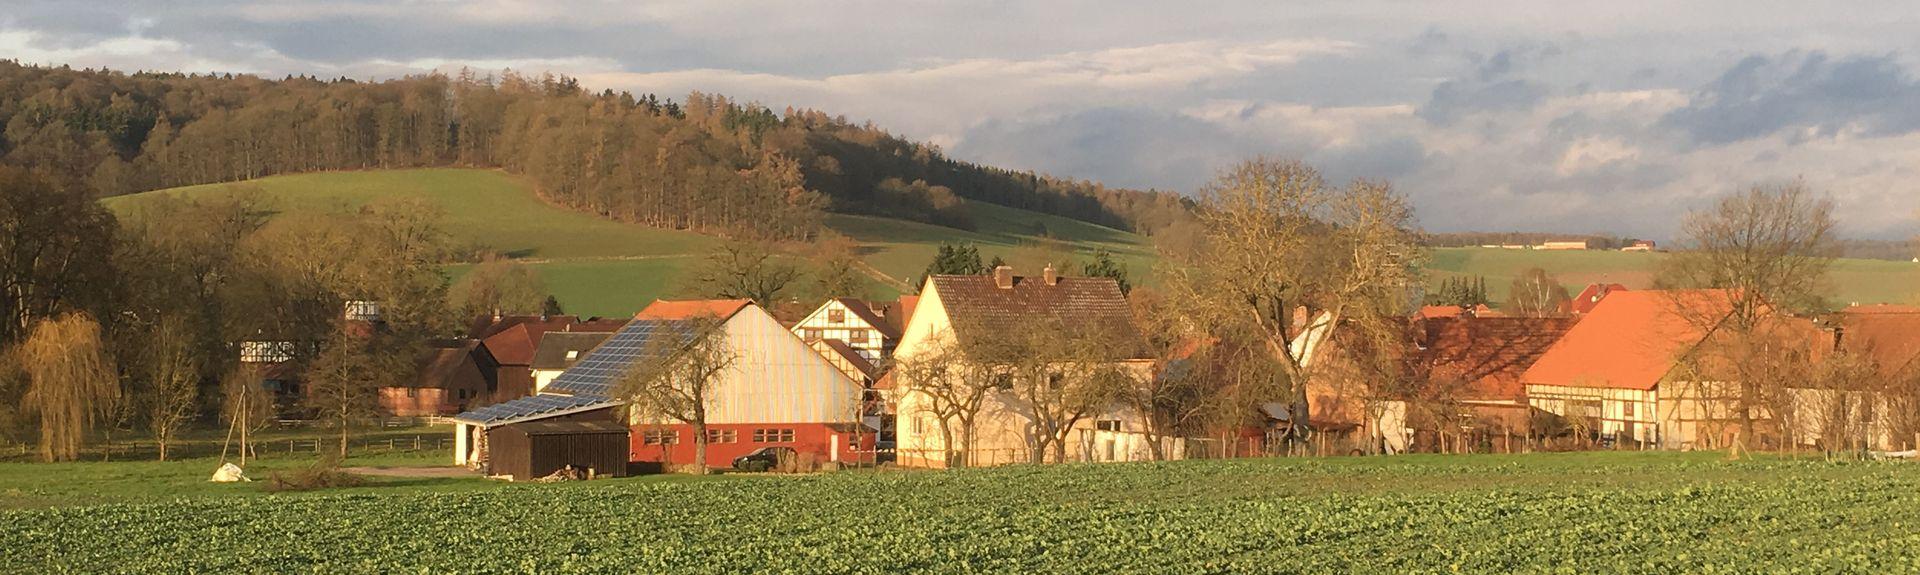 Hünfeld, Germany